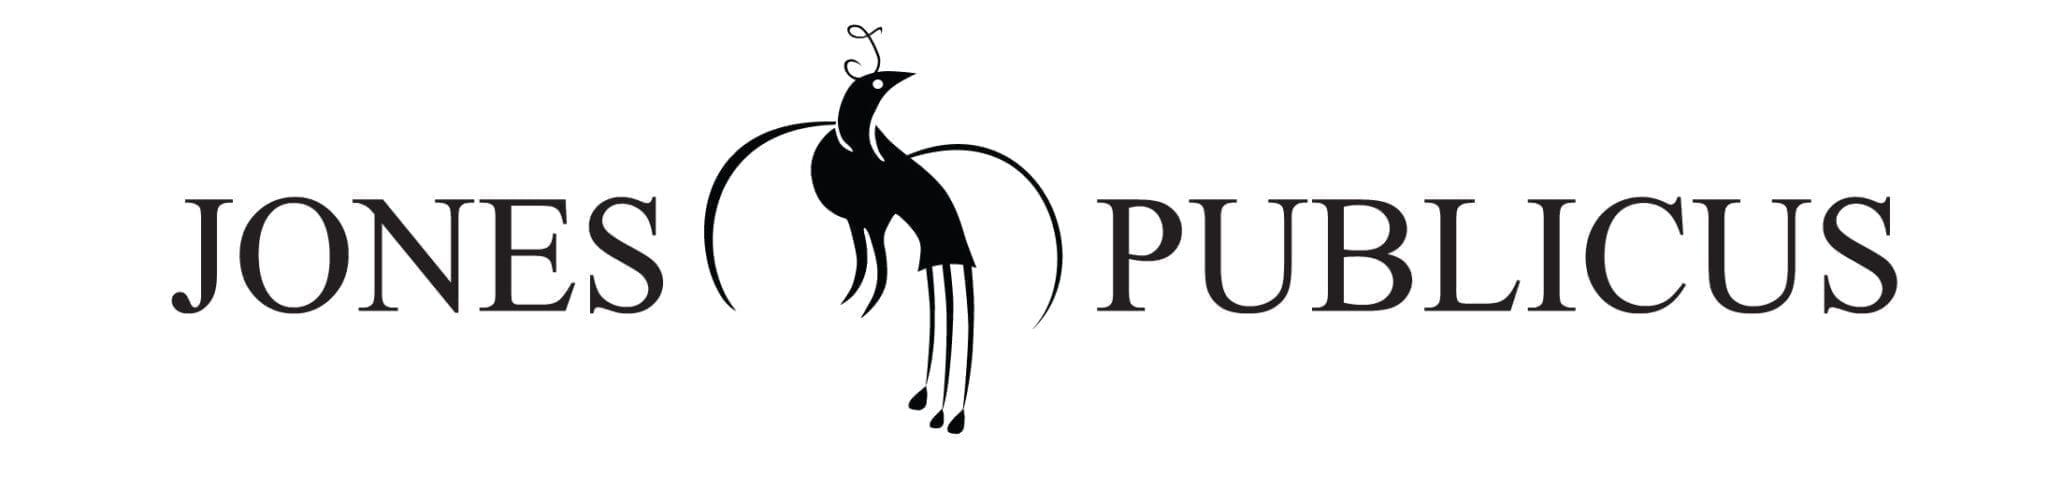 Jones Publicus